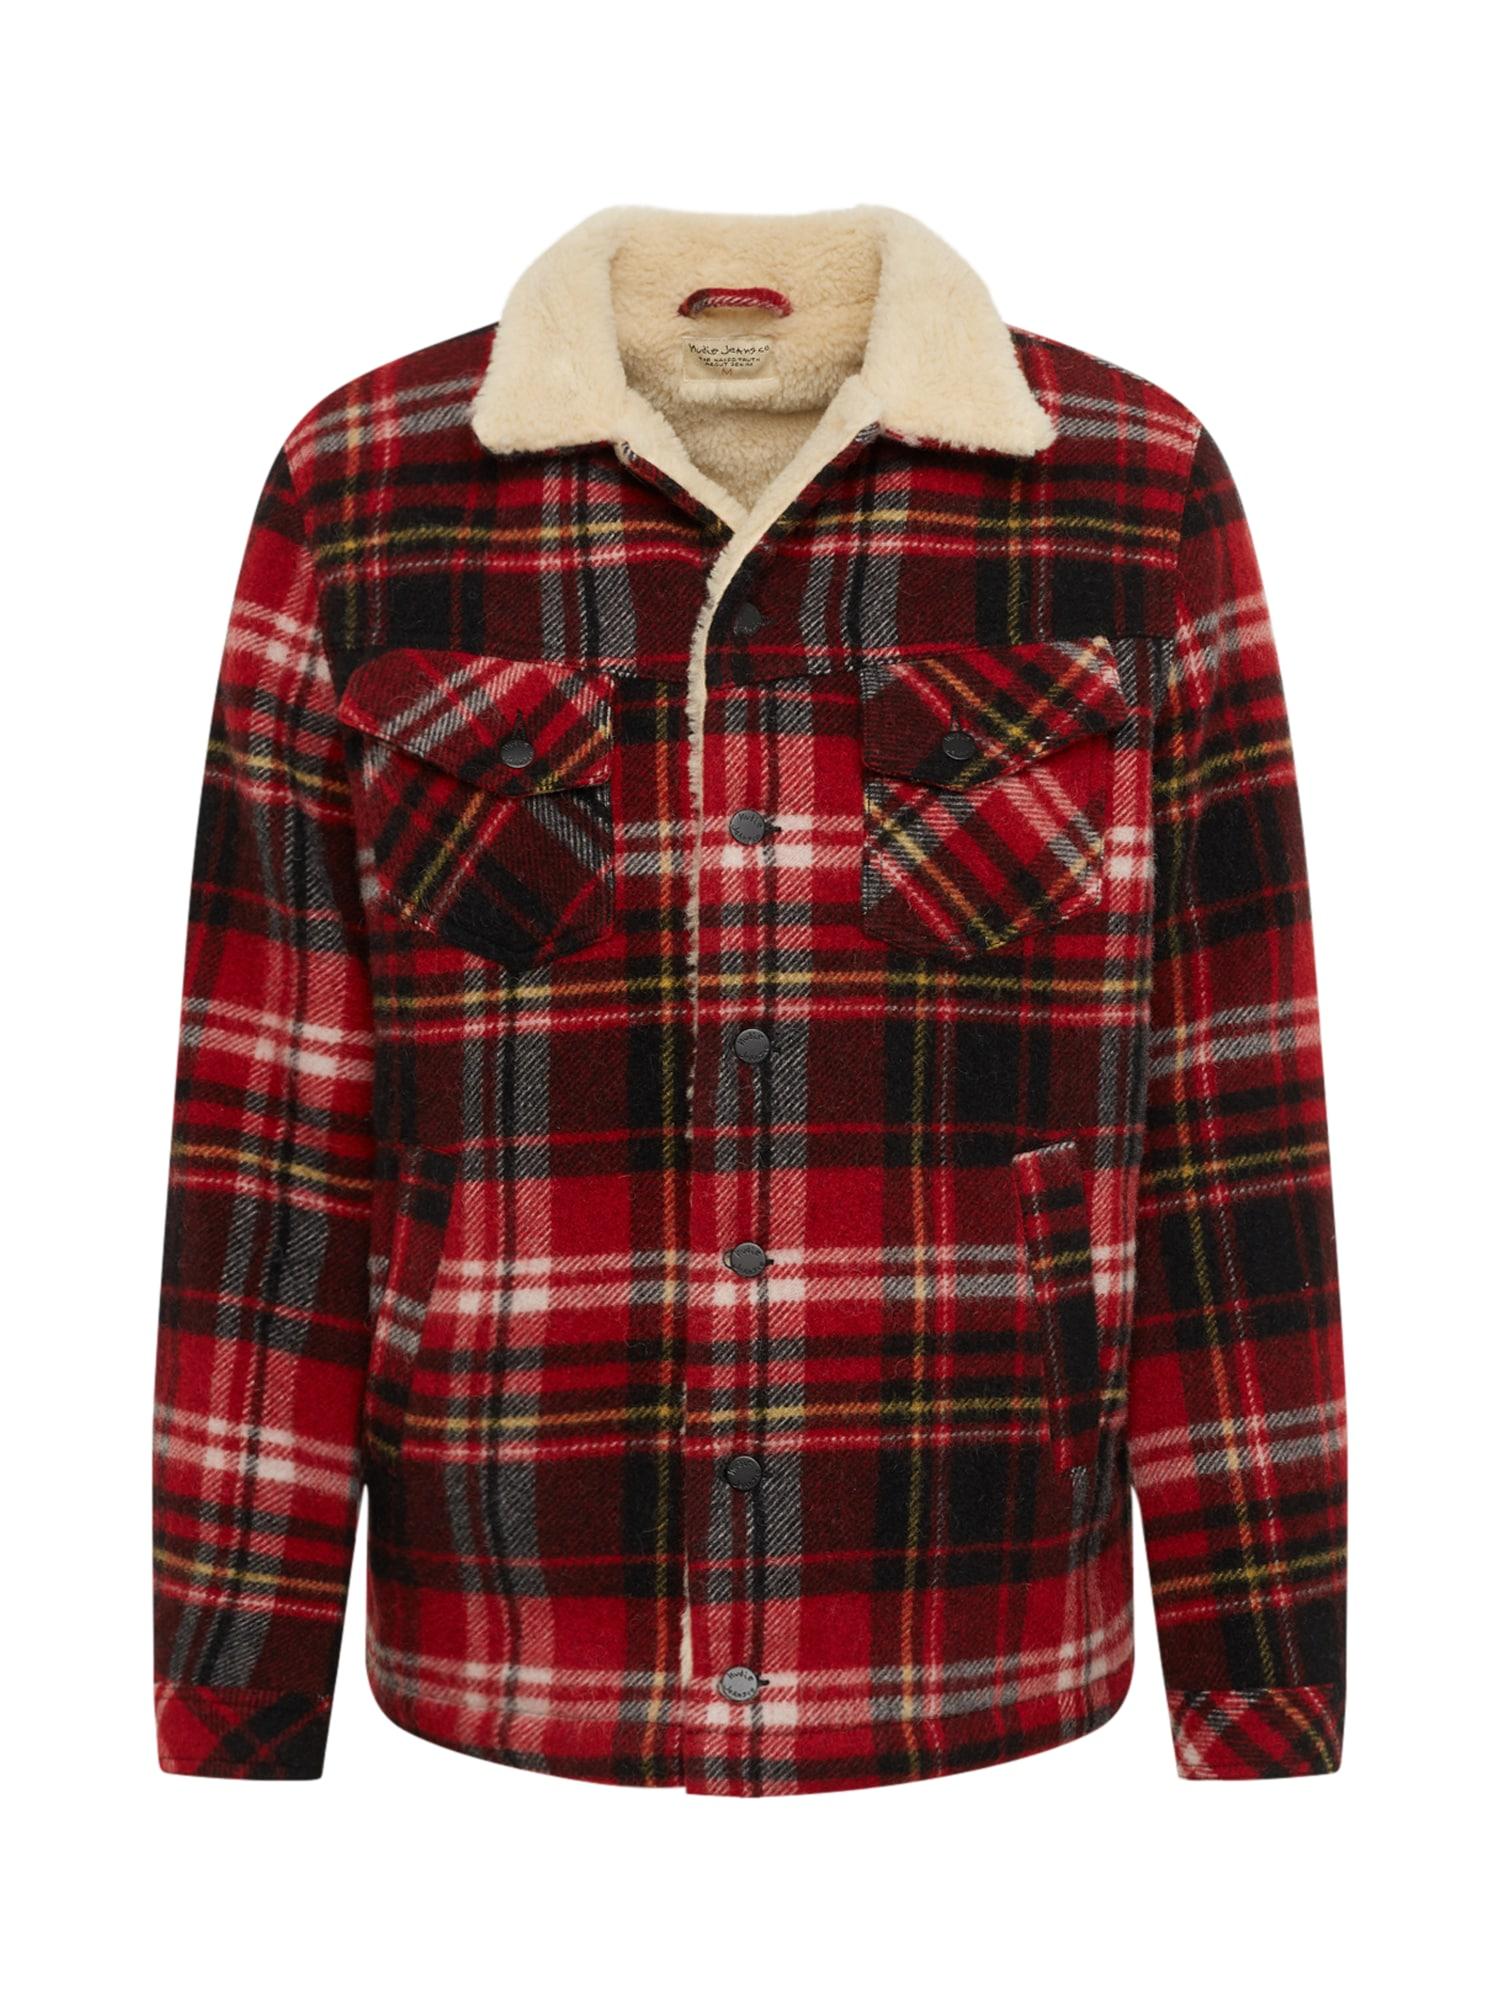 rot jeans Sonstige Jacken für Herren online kaufen